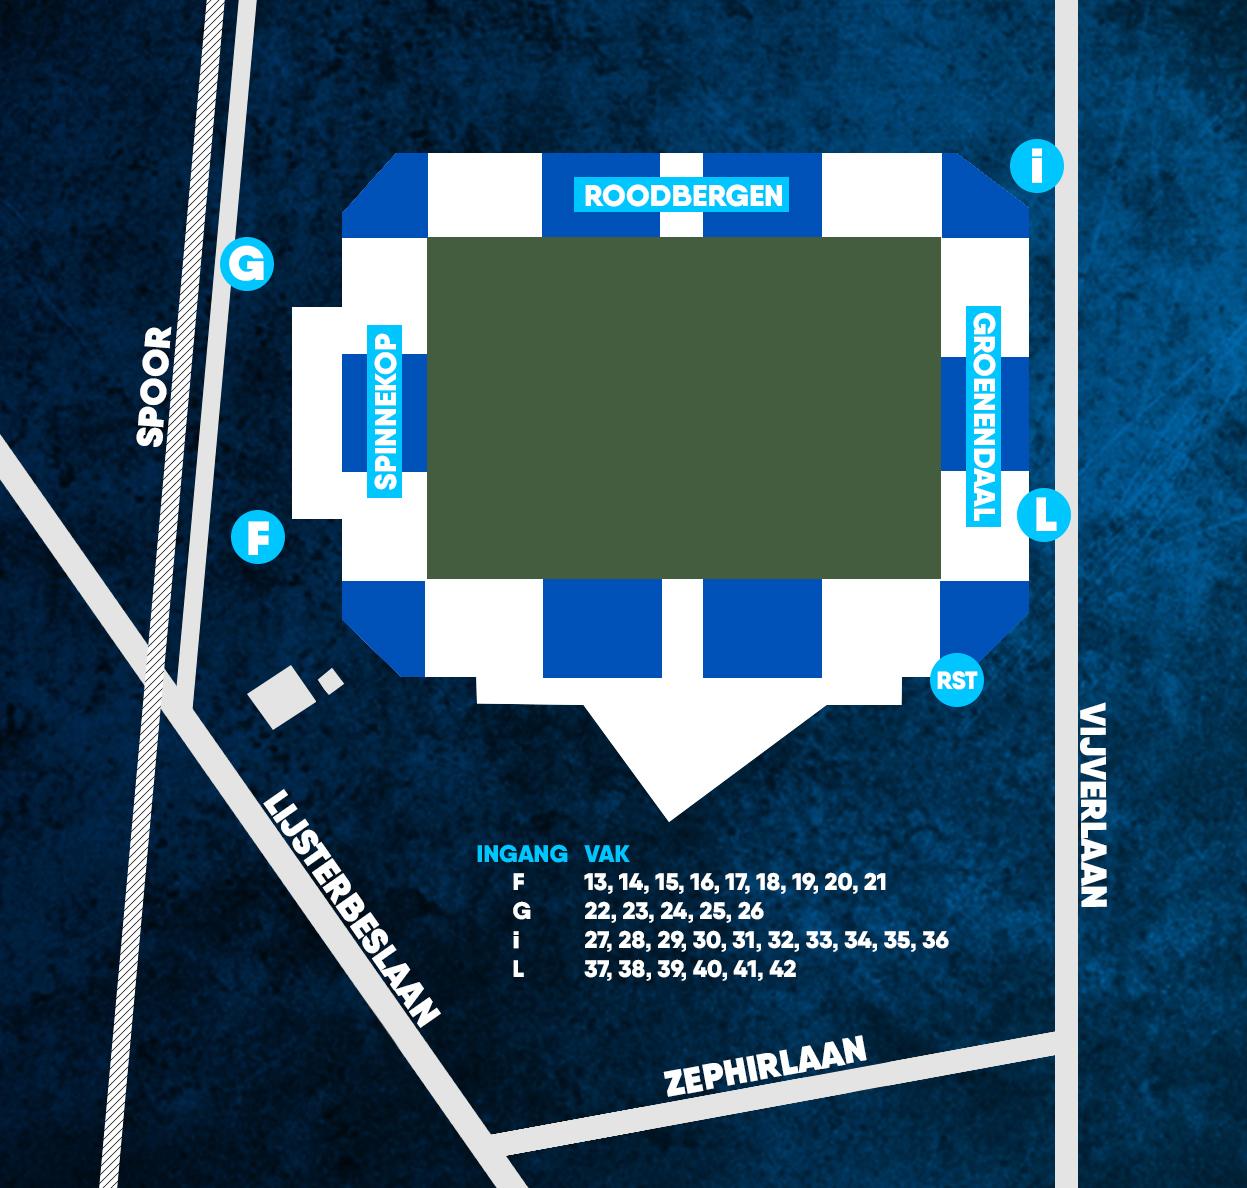 plattegrond-met-13-14-en-RST.jpg